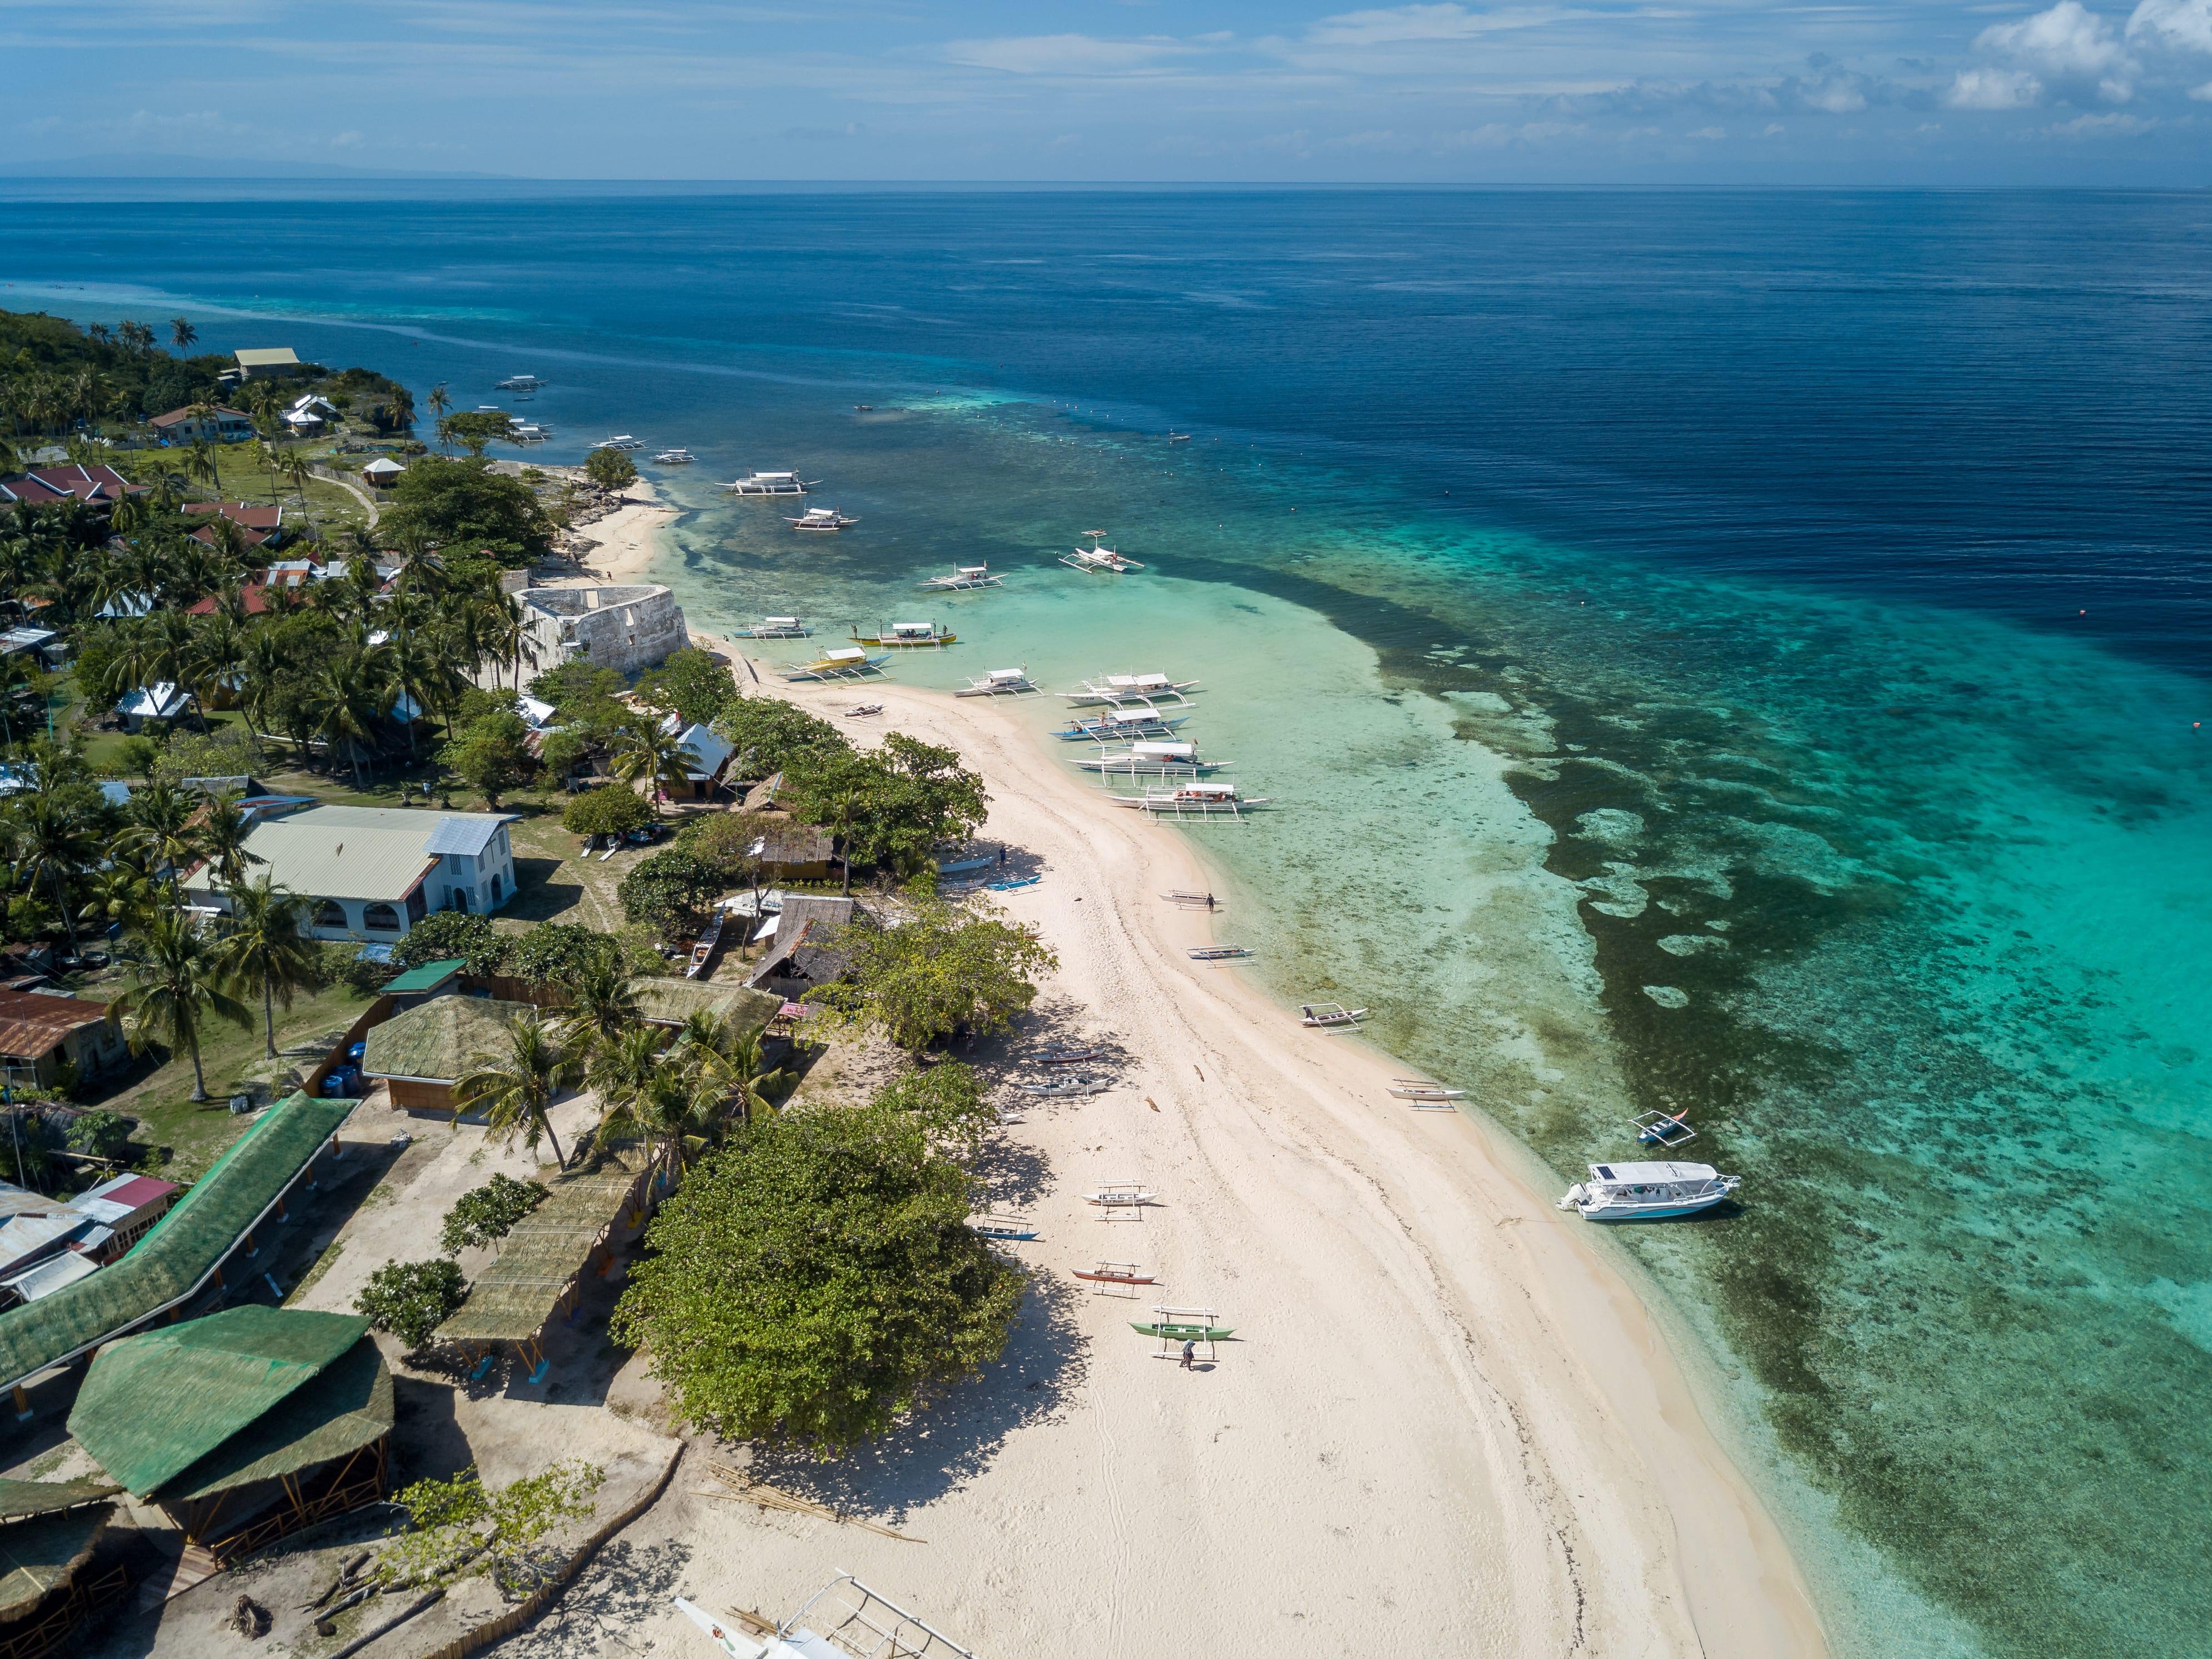 White sand beach in Pamilacan Island Bohol